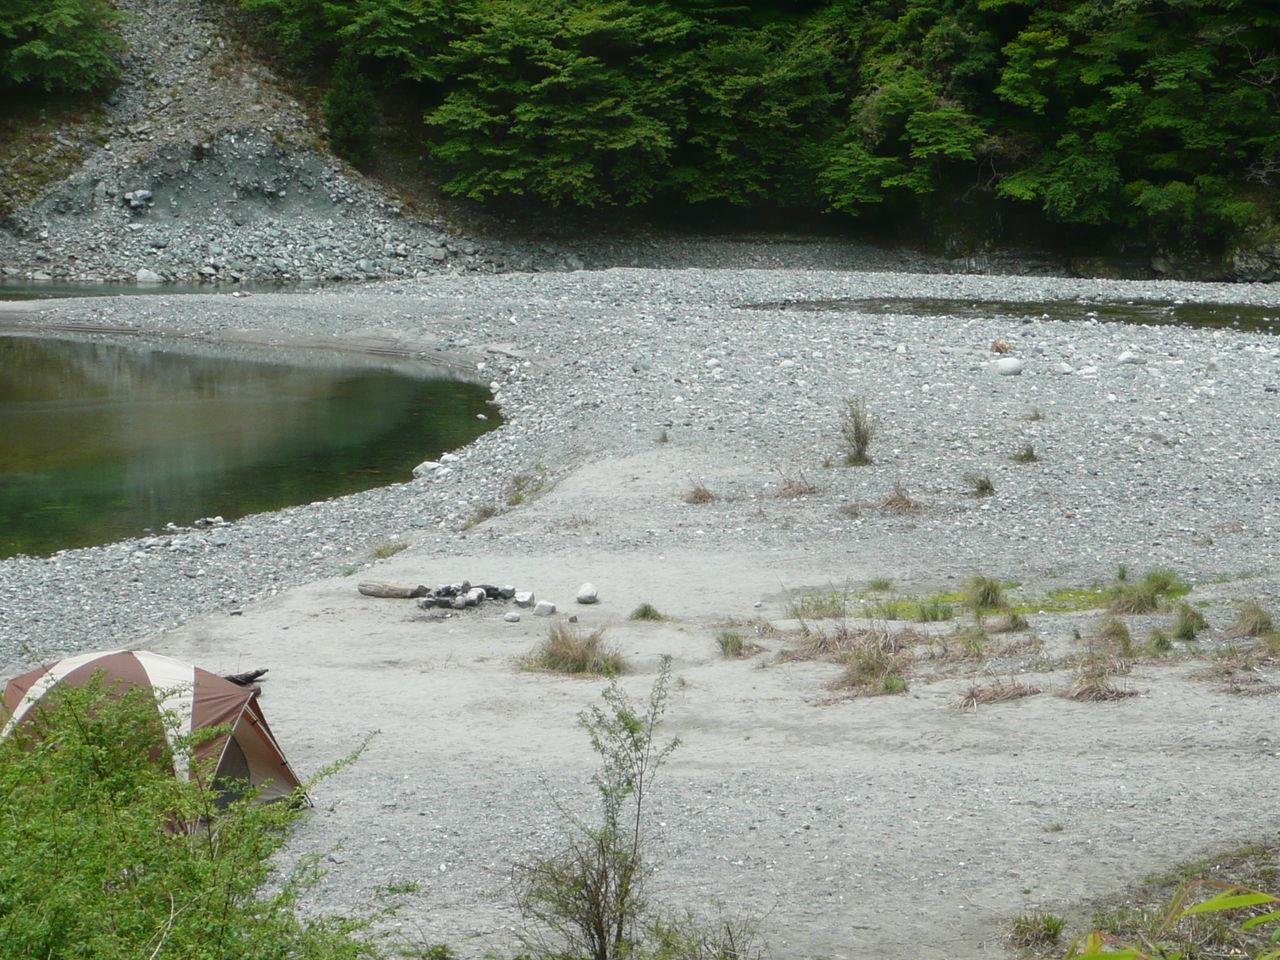 川流れ Dqn の